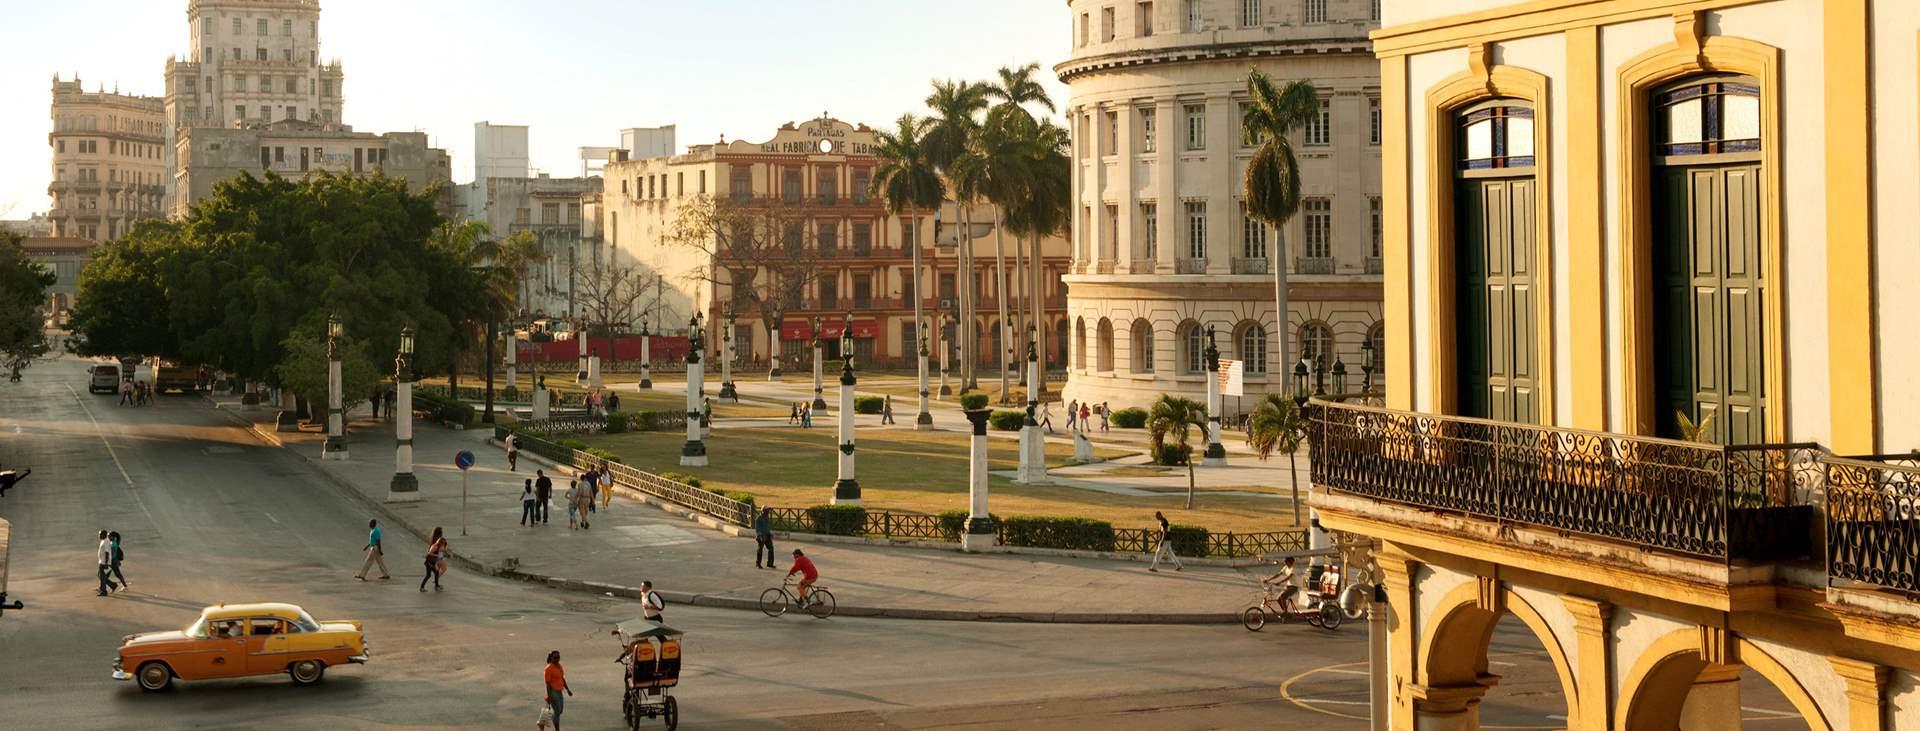 Boka din resa till Havanna i Kuba med Ving